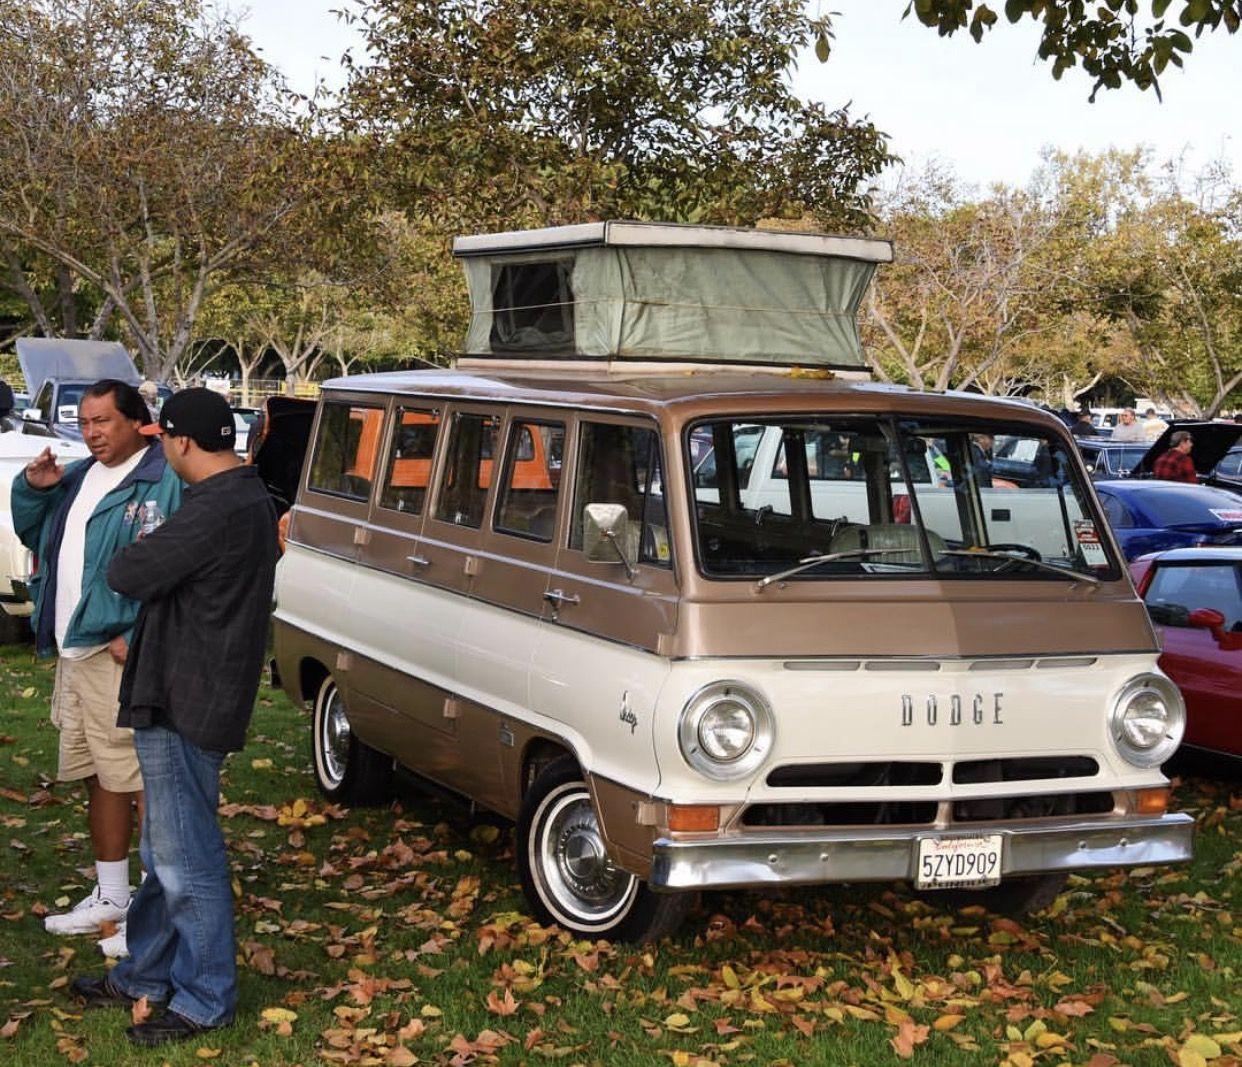 Dodge Van Dodge vehicles, Cars 4 sale, Dodge van